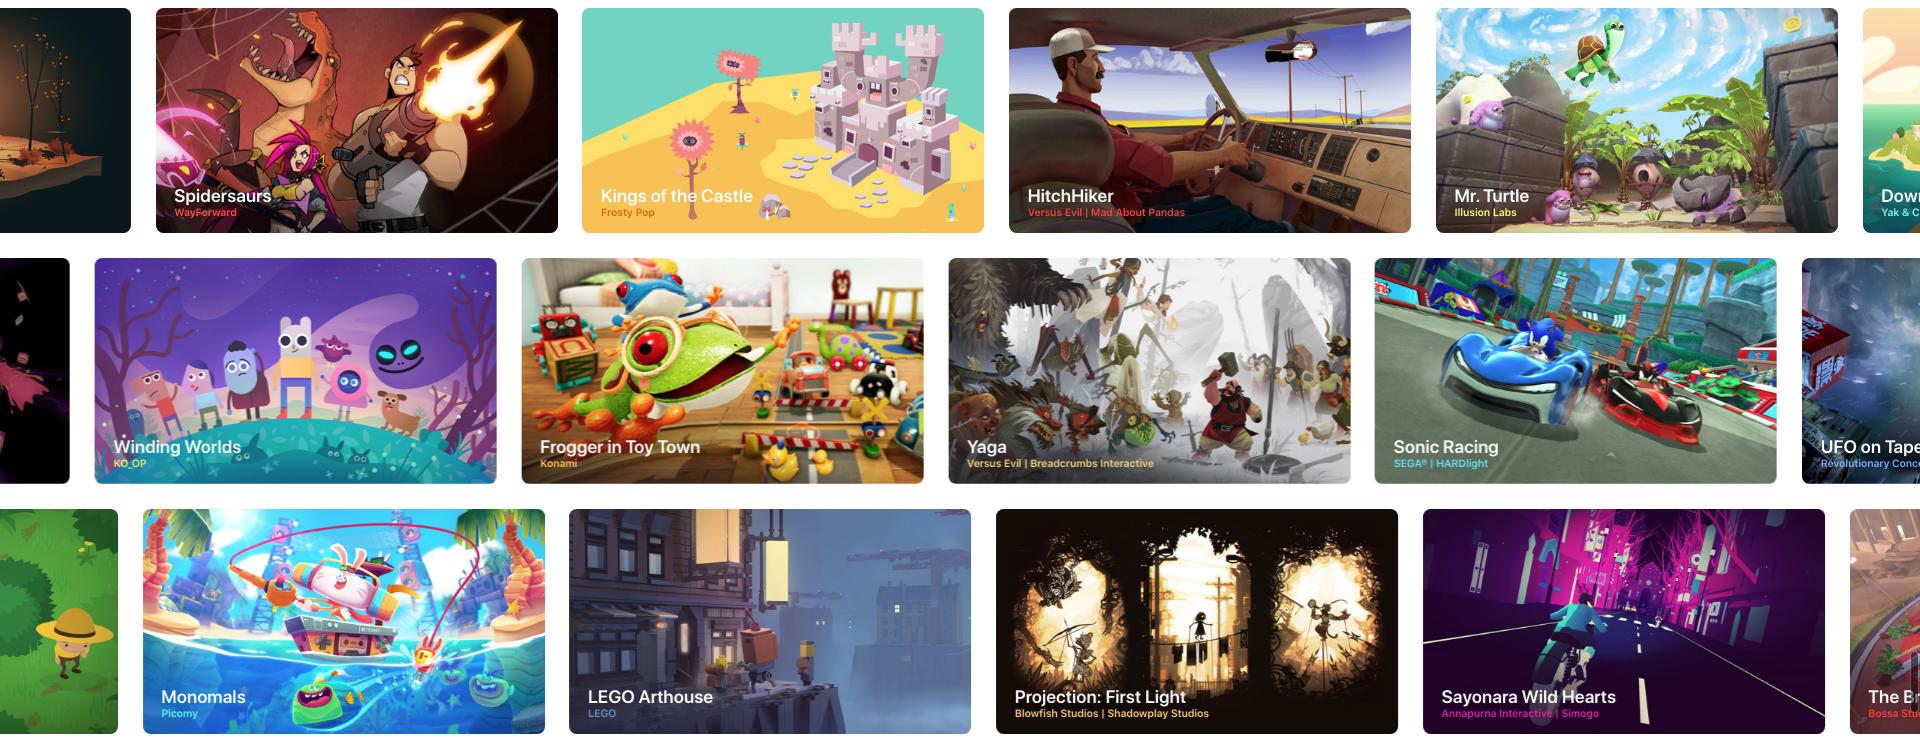 Mas de 100 juegos nuevos, una sola suscripción, aquí jugar no tiene límites